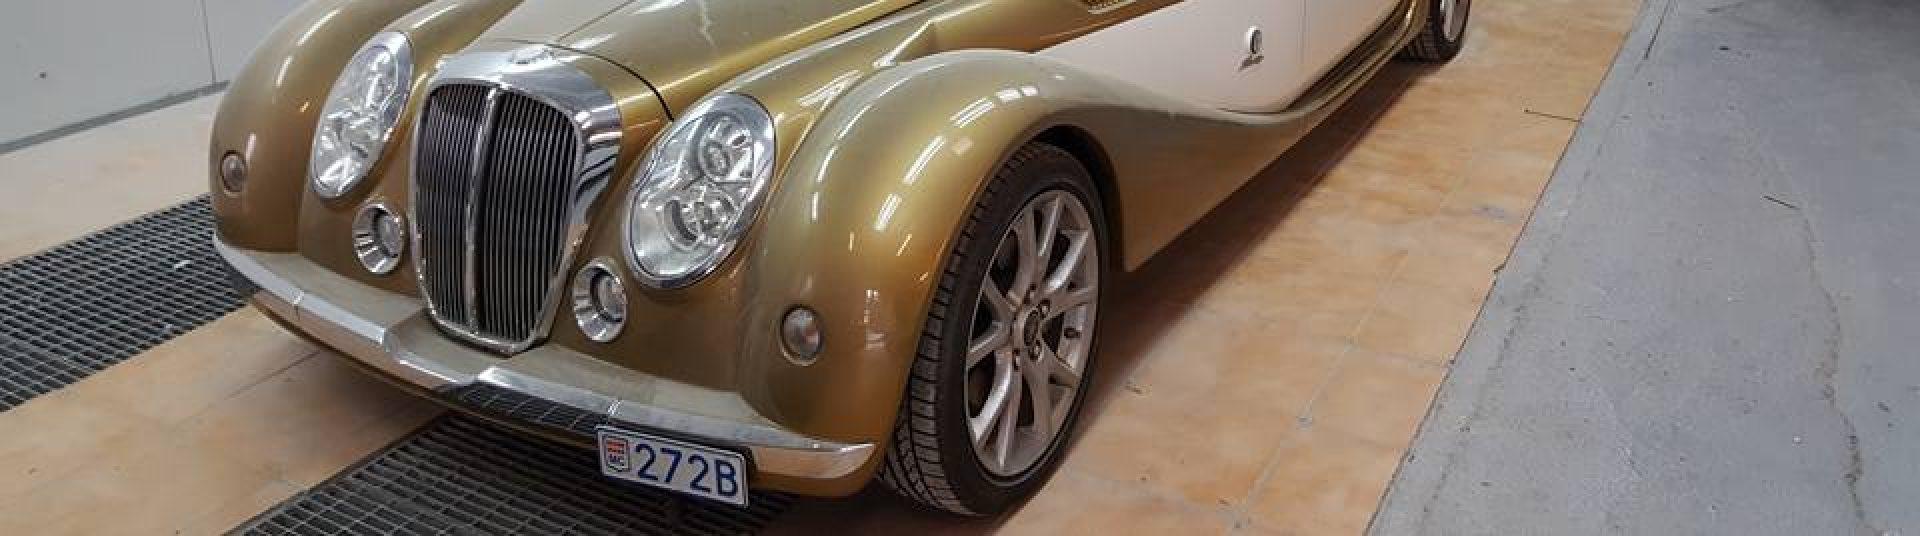 New Car Pavia